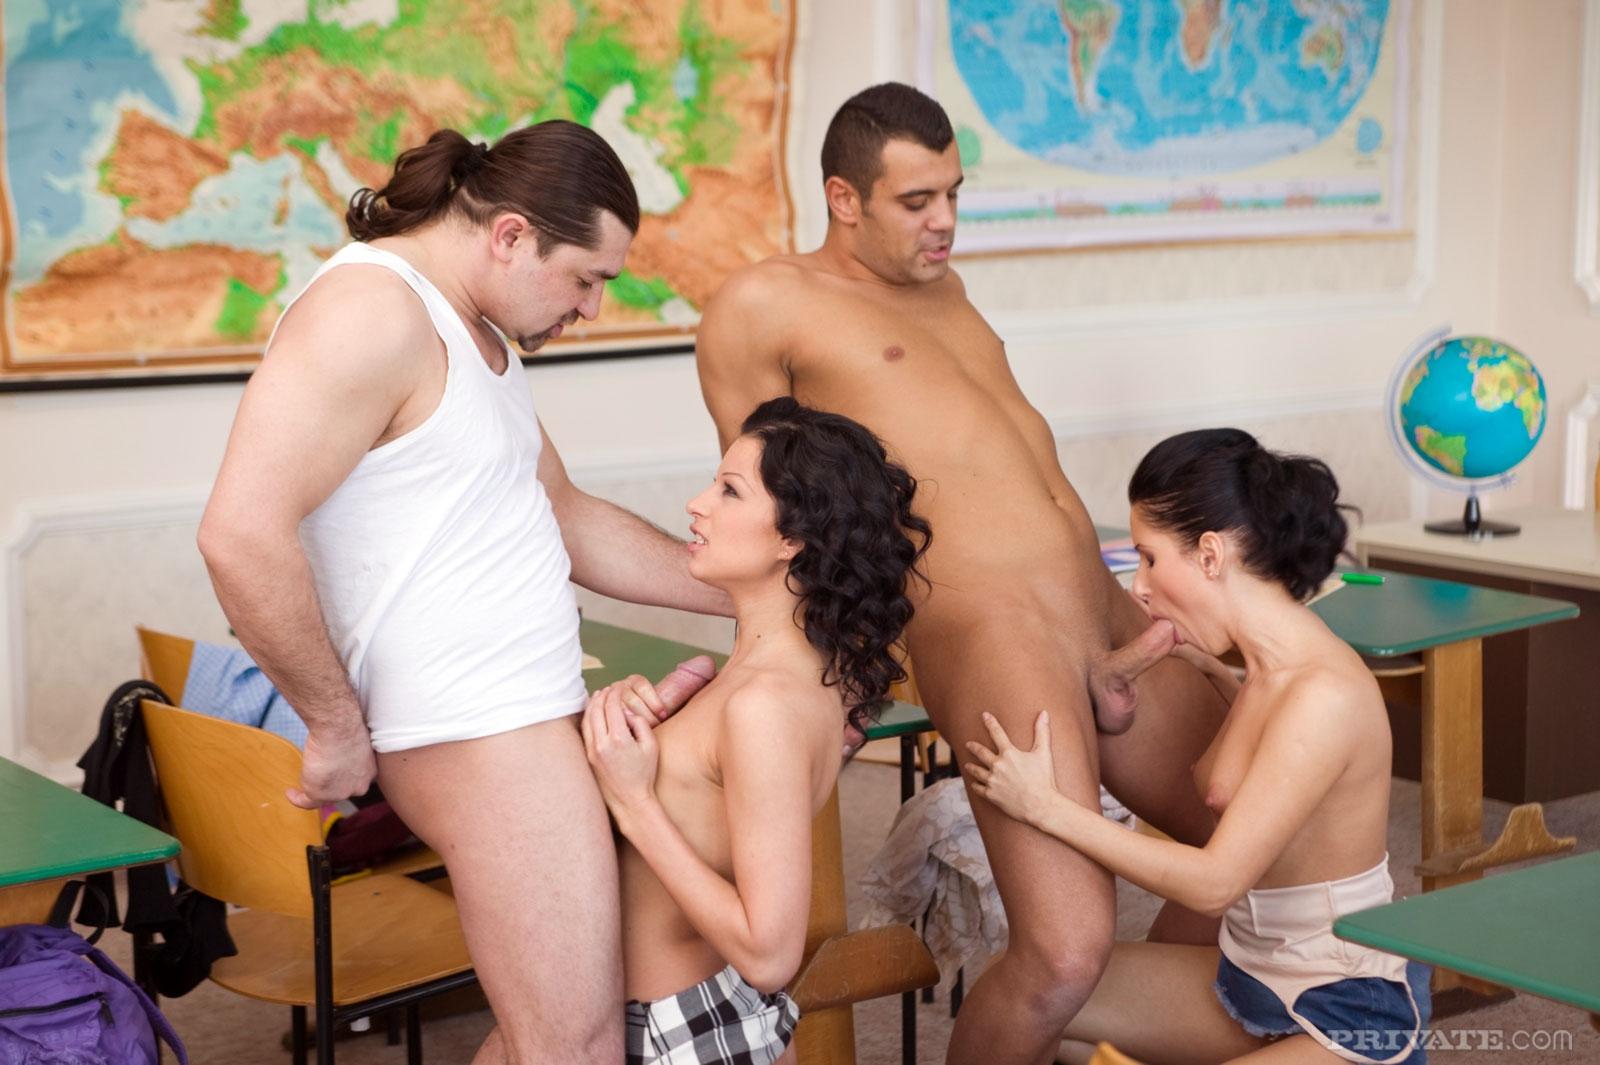 смотреть секс русские студенты сдали сессию онлайн порезанные фотографии тоже